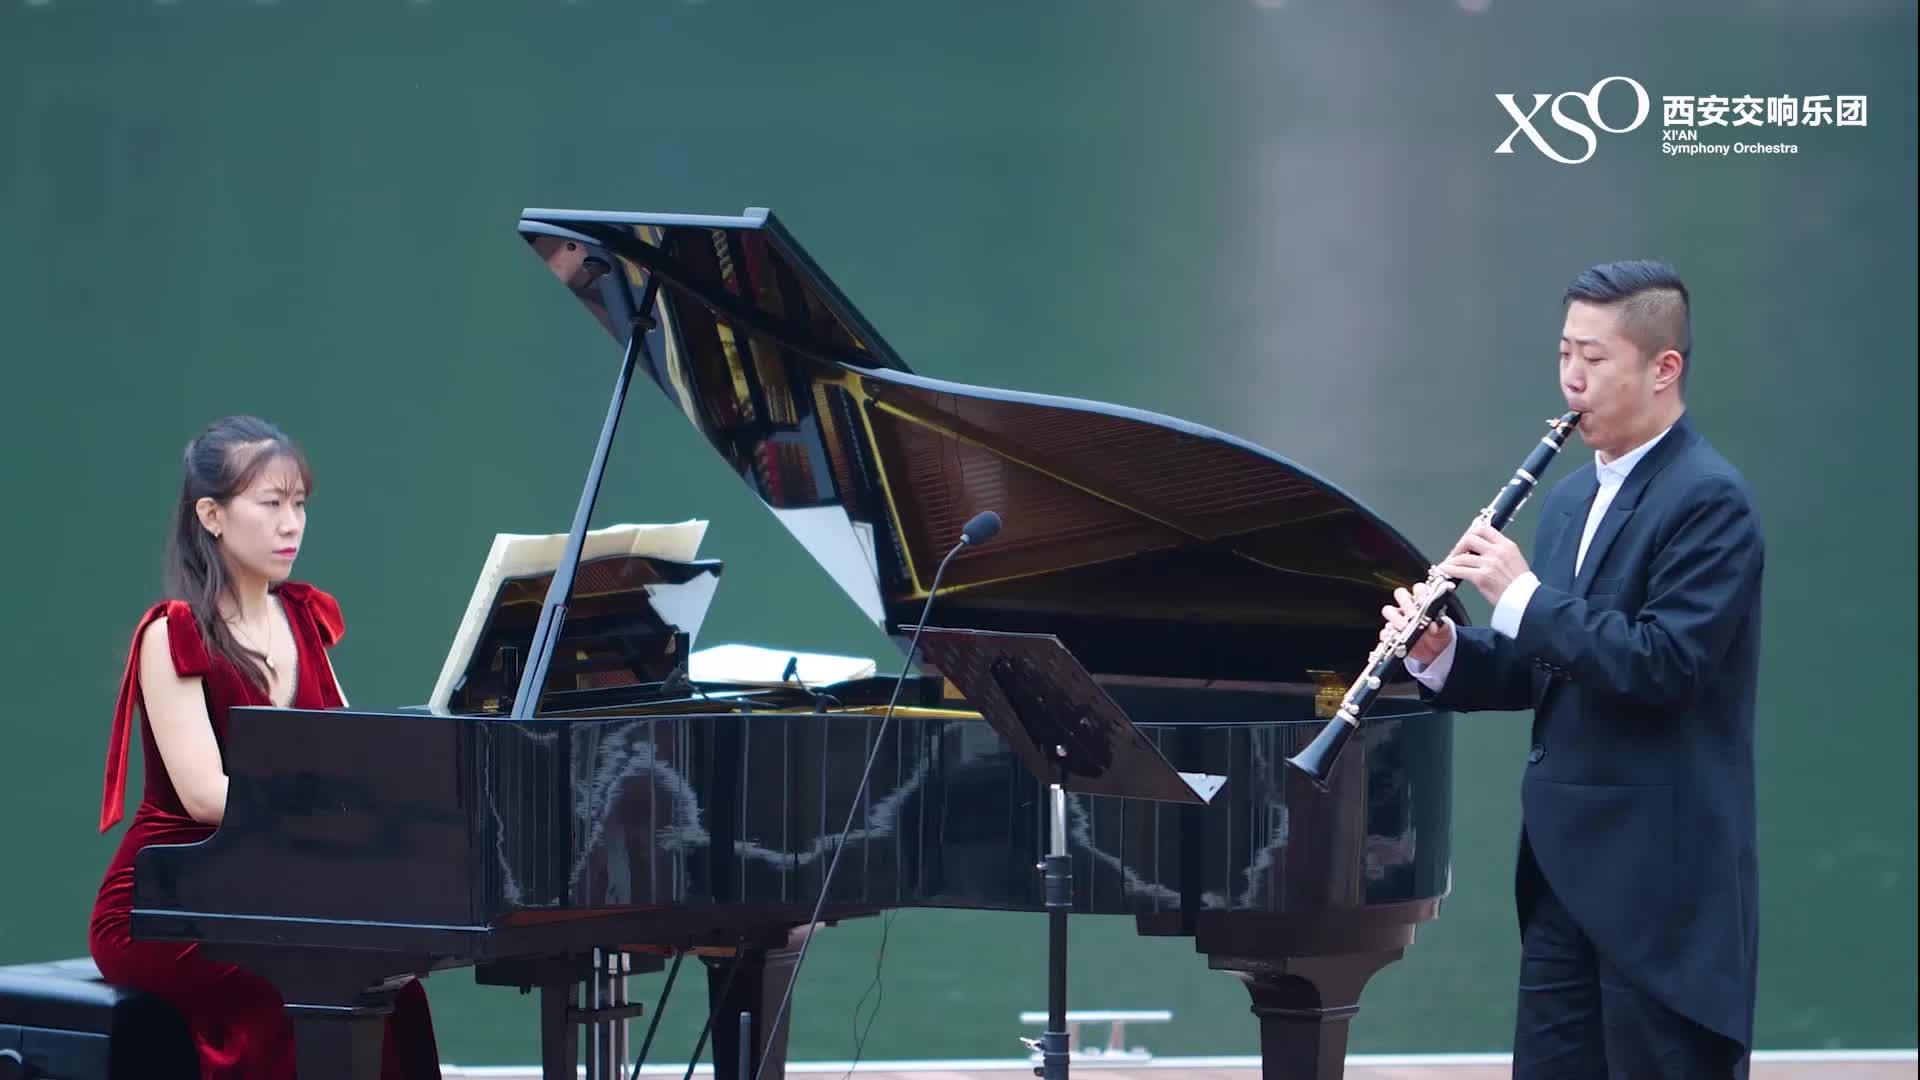 翠华山行音乐会——《维多利亚式花园》组曲(选段)1.前奏曲